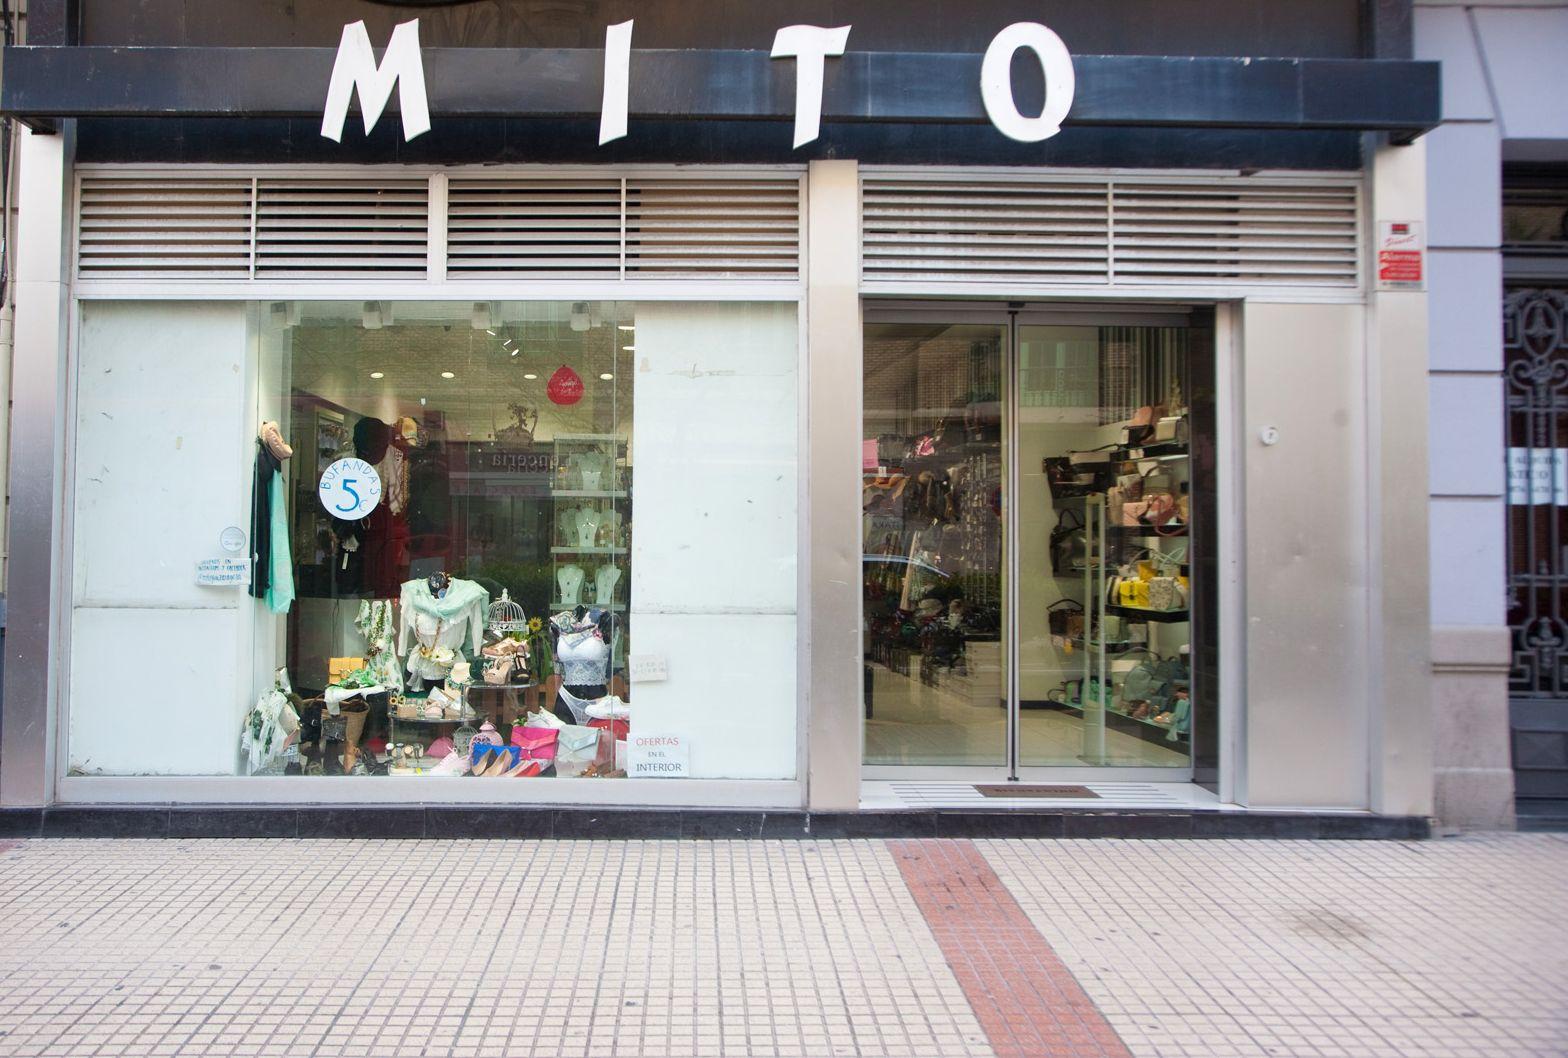 Mitos You tienda de ropa y complementos en Zaragoza